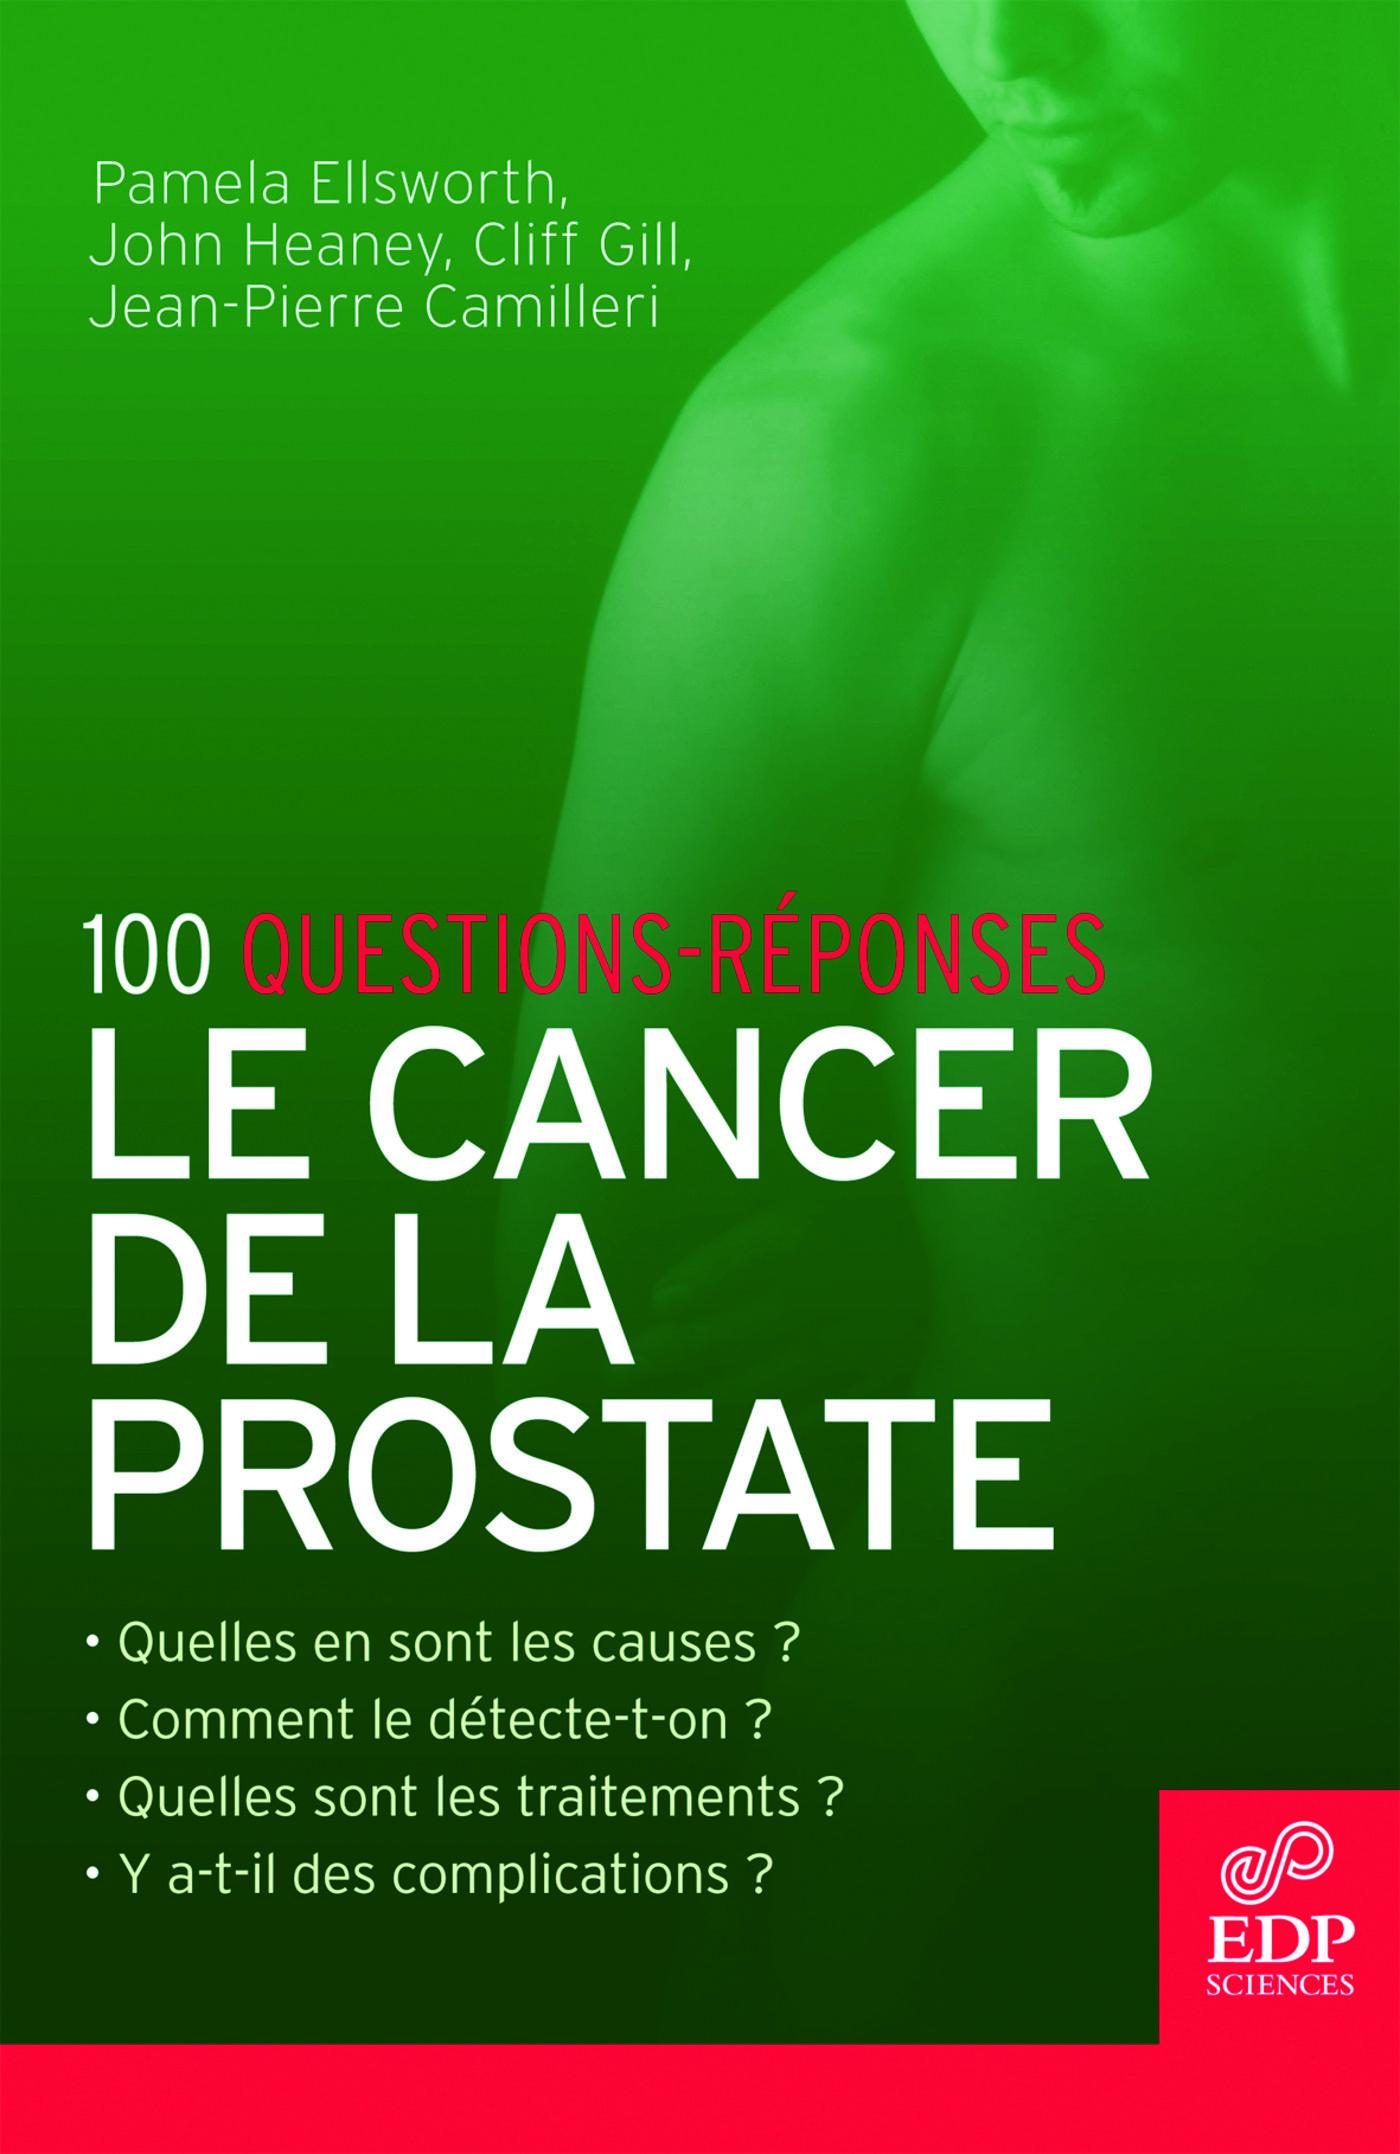 CANCER DE LA PROSTATE - 100 QUESTIONS-REPONSES